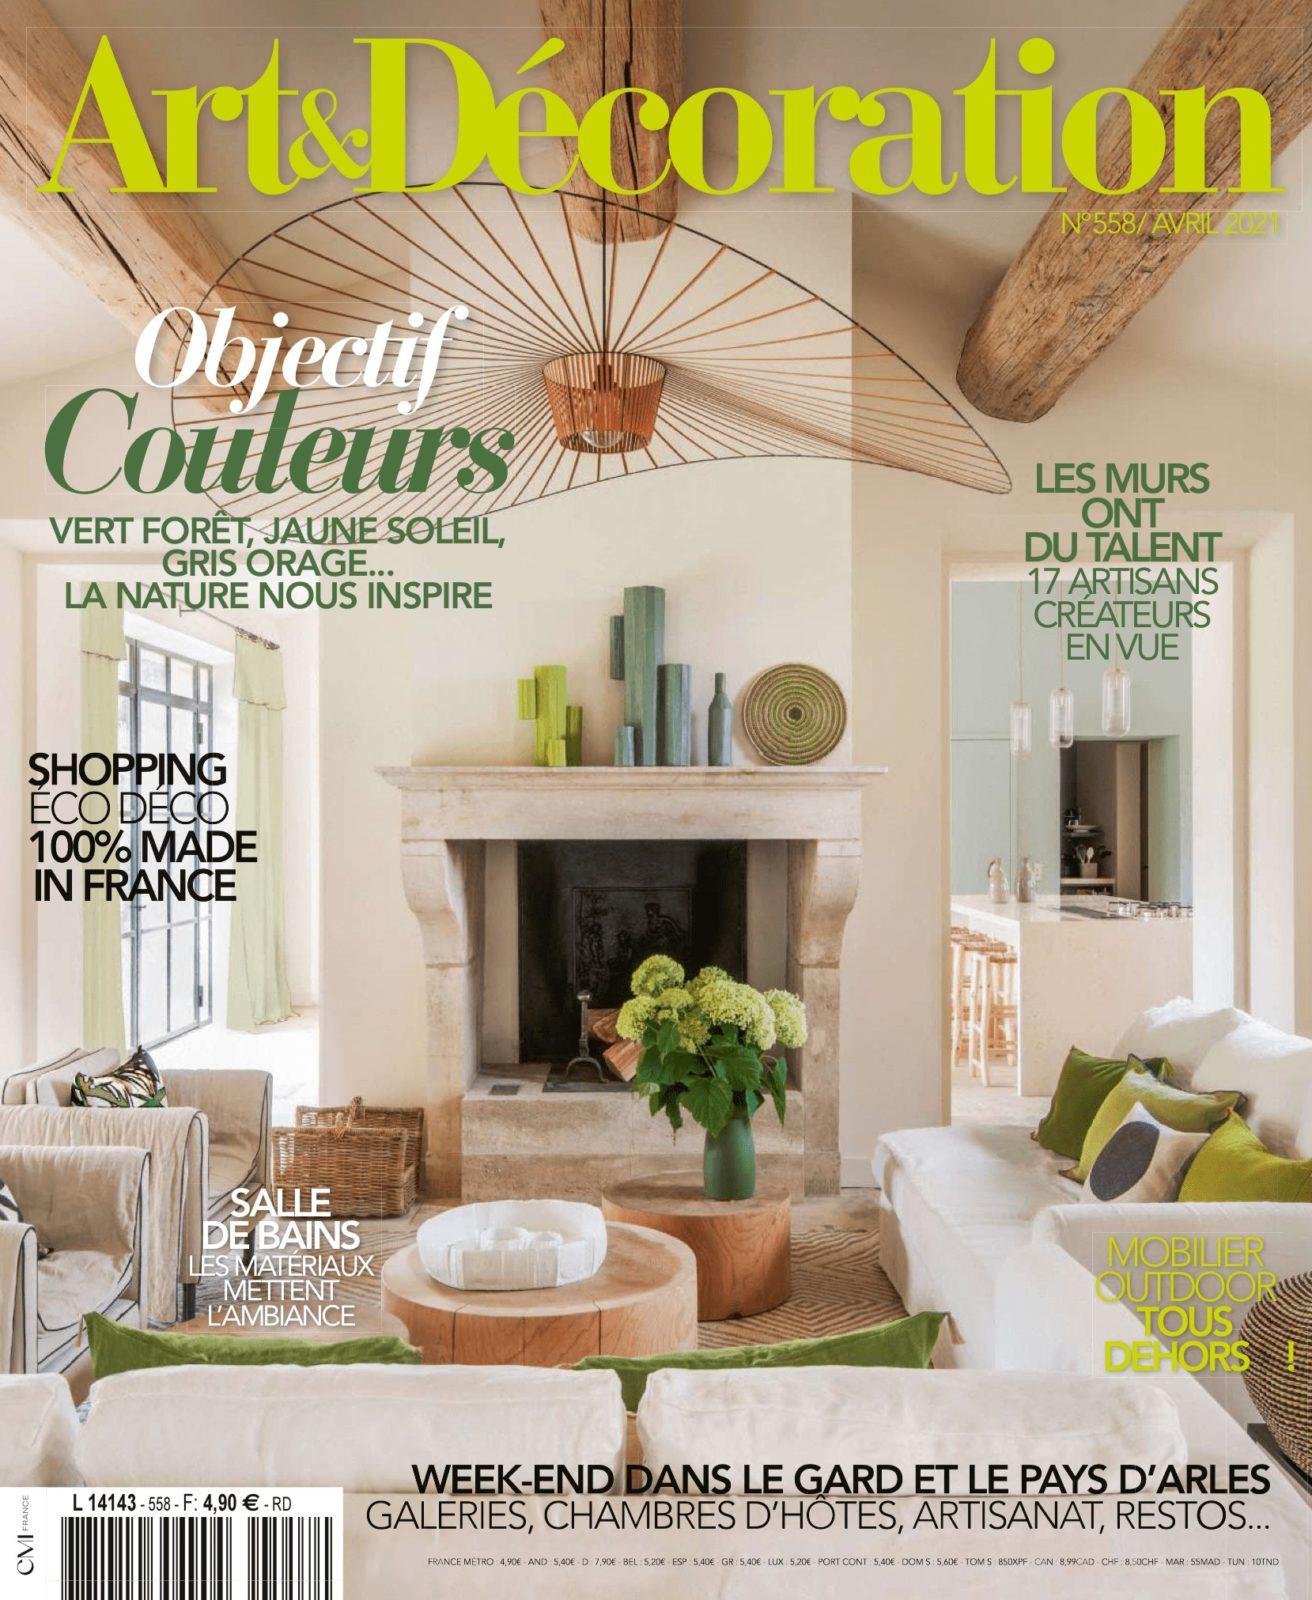 Art & décoration – Avril 2021